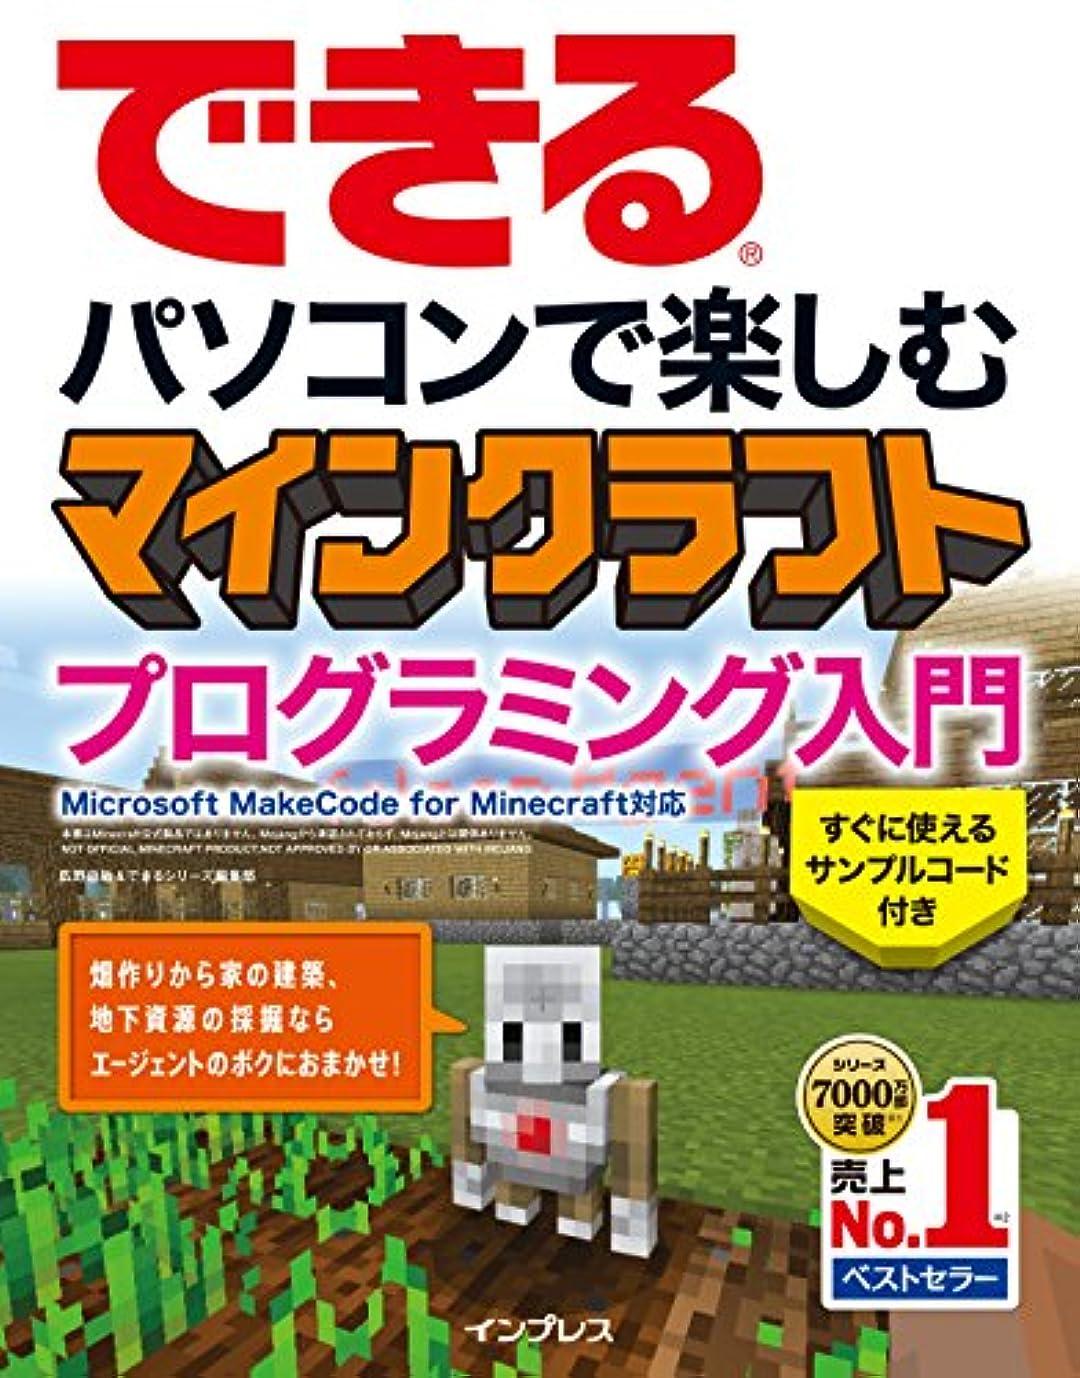 塩デマンド見積りできる パソコンで楽しむ マインクラフト プログラミング入門 Microsoft MakeCode for Minecraft 対応